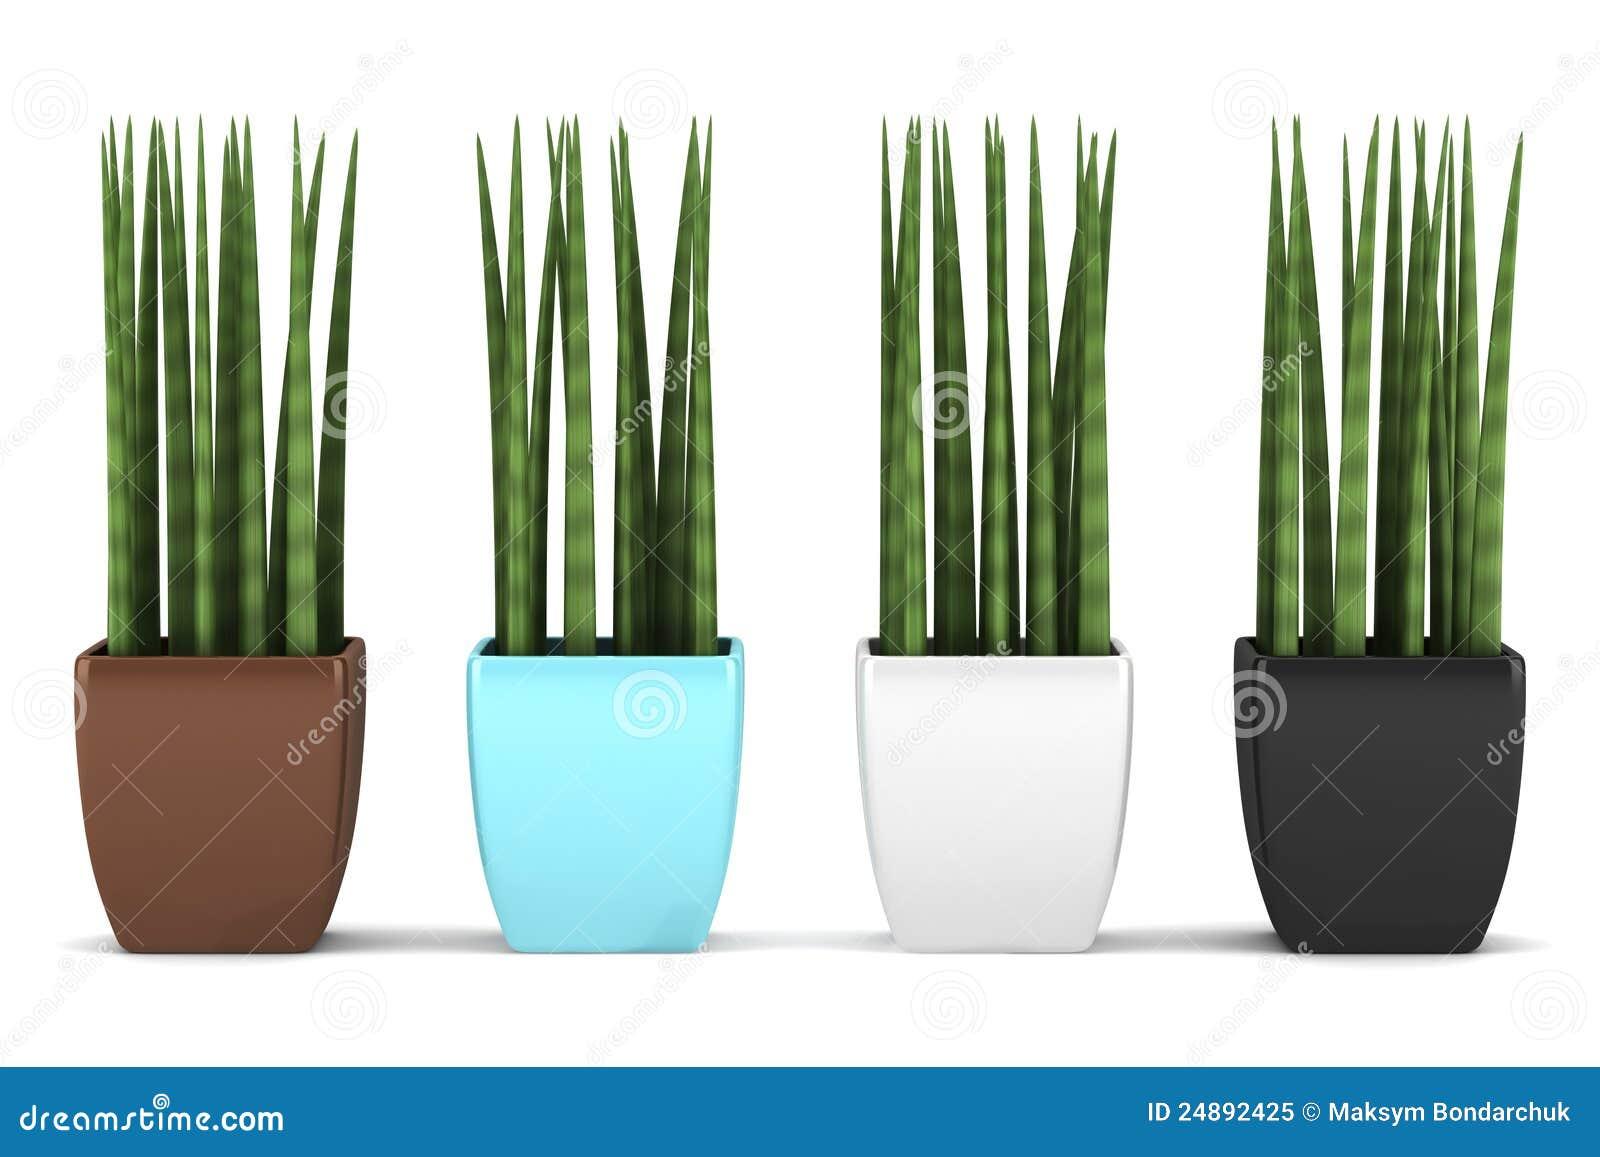 404 not found for Plantas decorativas